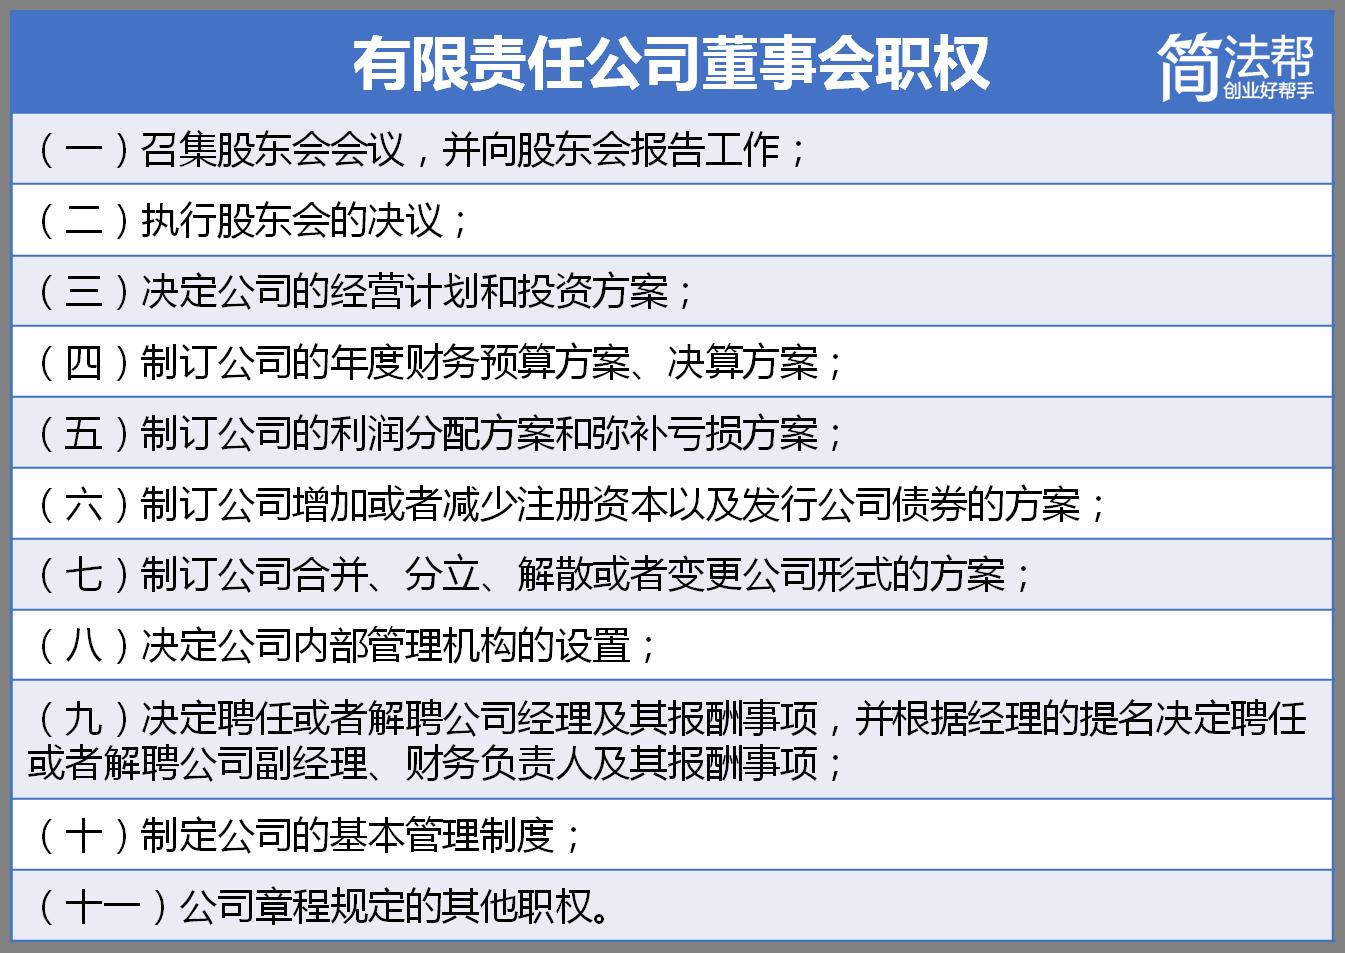 上述内容在中国公司法中有明确规定。其中,第(九)项就明确了公司董事会聘任或开除公司总经理的权力,至于总经理是由创始人还是专门的聘请的职业经理人担任对董事会行使这项权力没有法律上的影响。境外架构的公司道理也比较类似,不过董事会的权力可能比纯粹中国公司中董事会的权力更大。